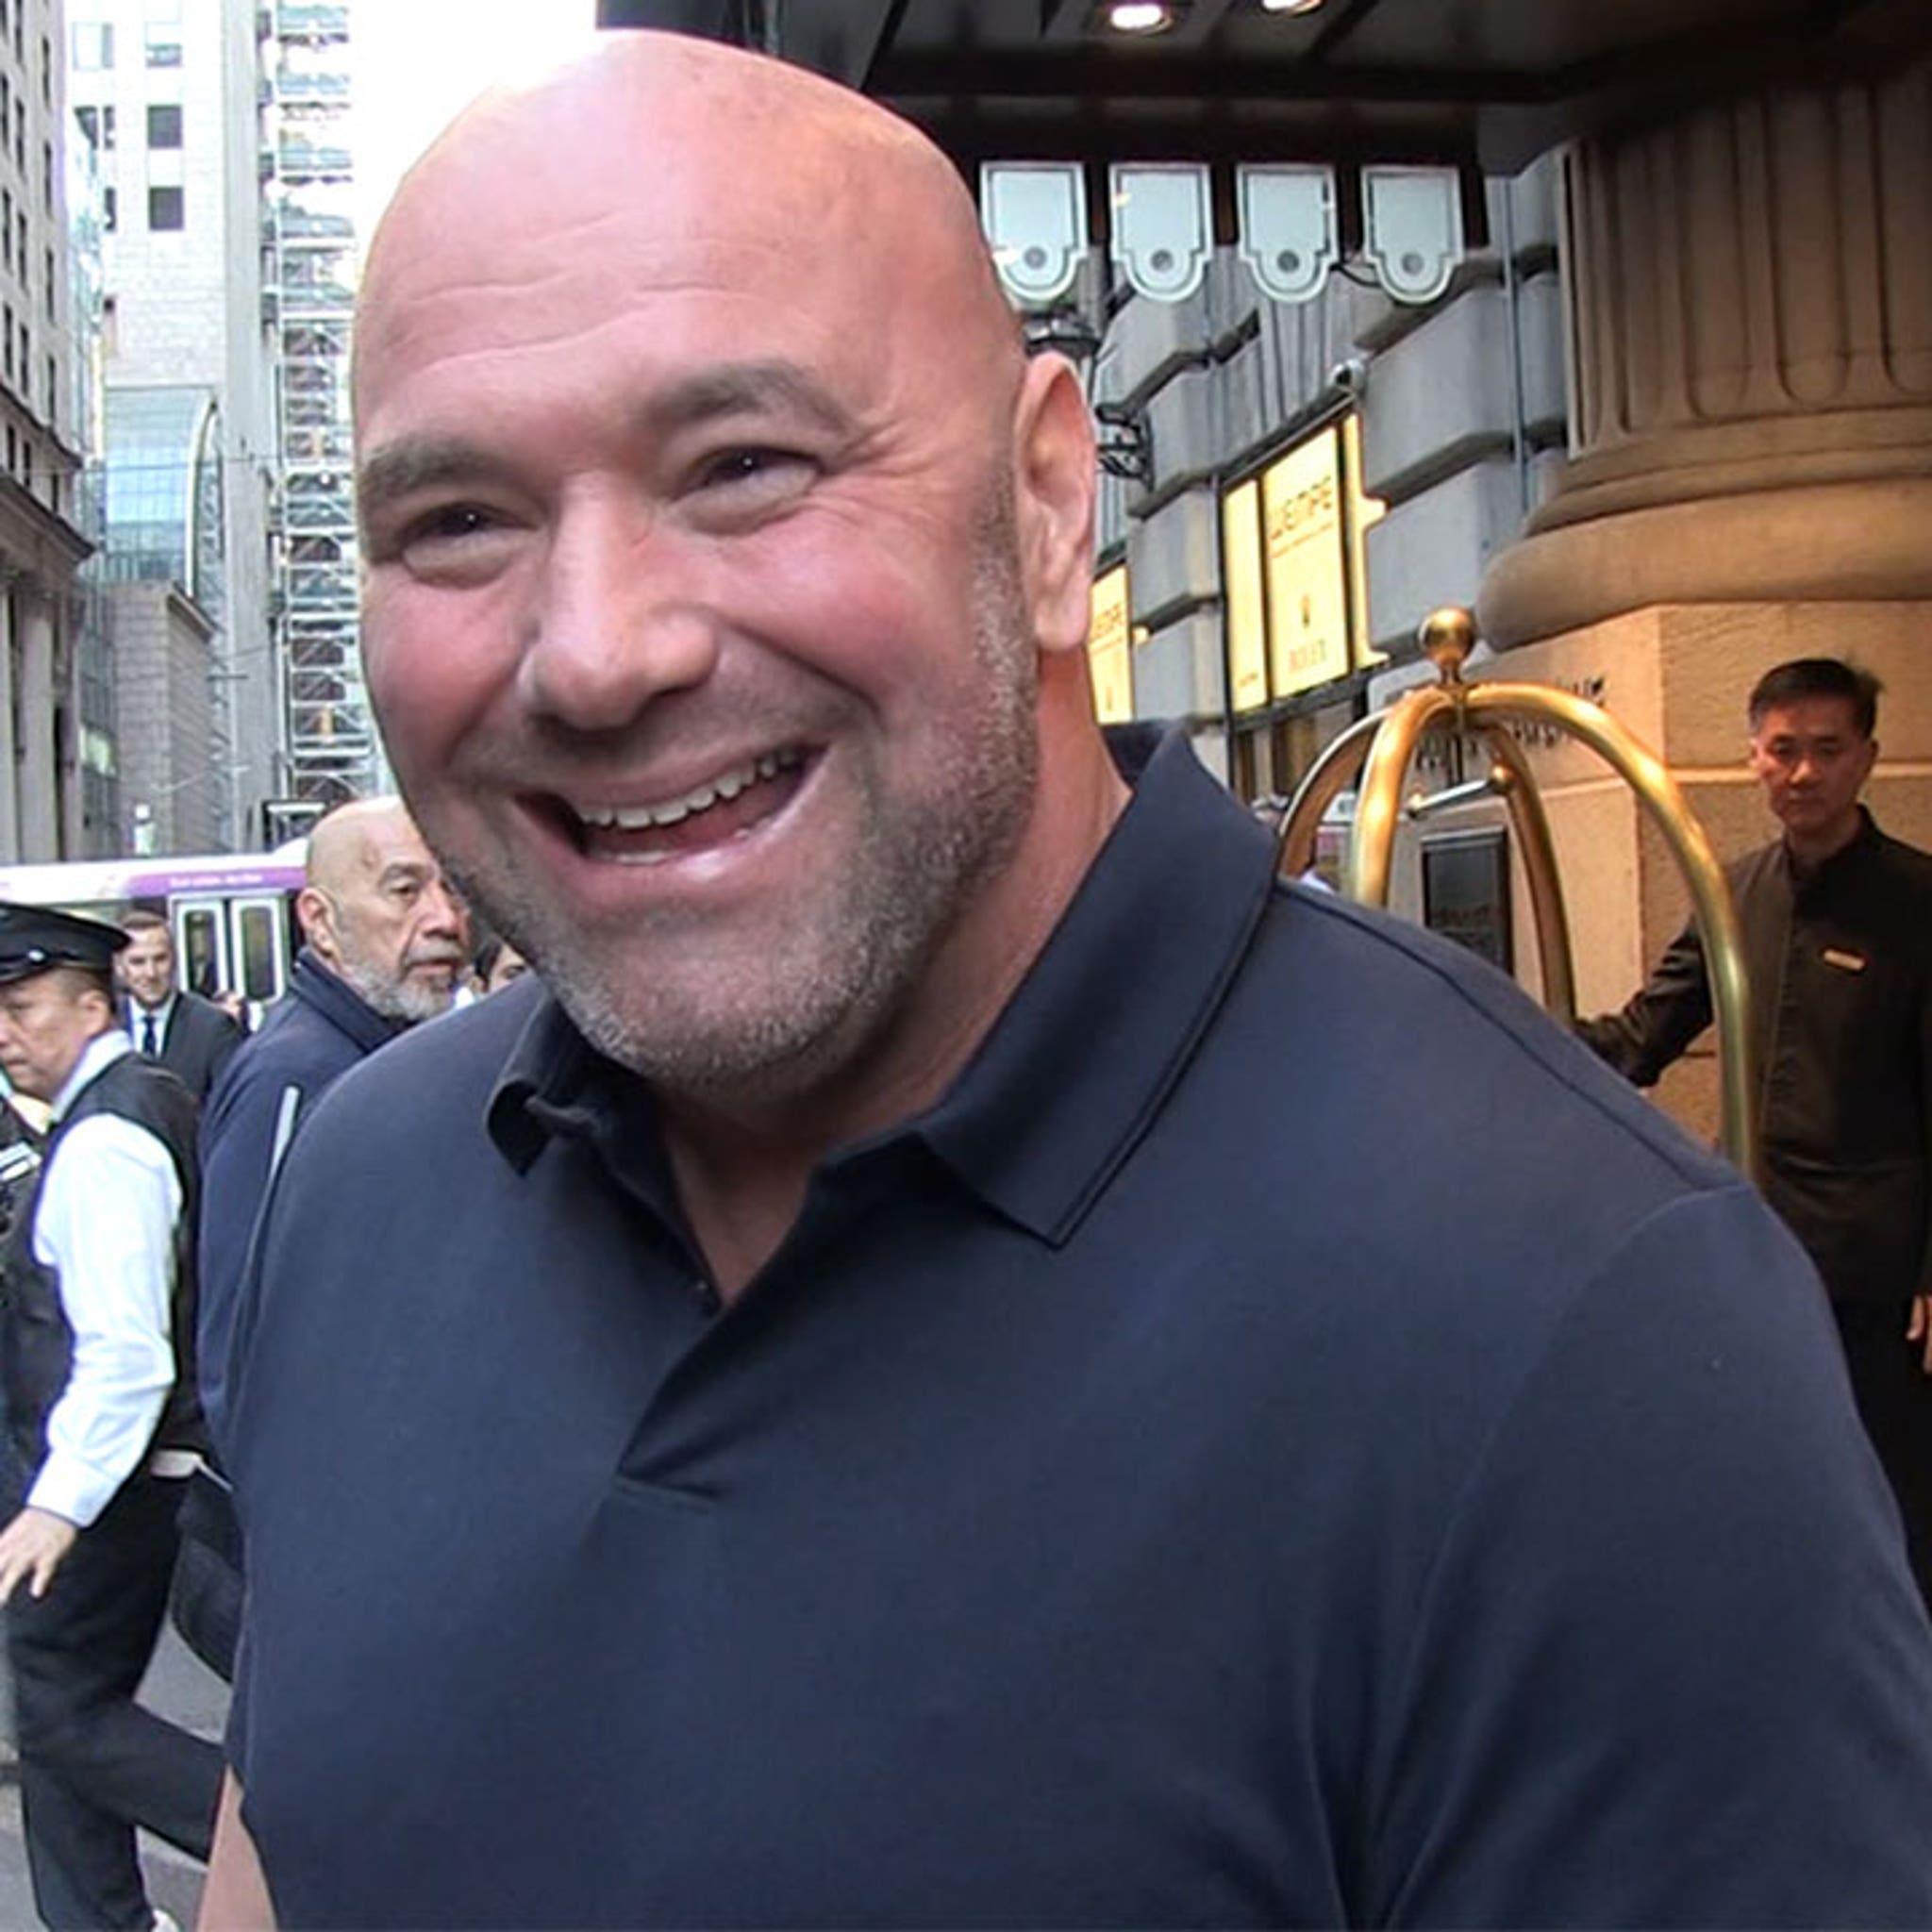 Dana White Says UFC's New 'BMF' Belt will Cost $50k to Make